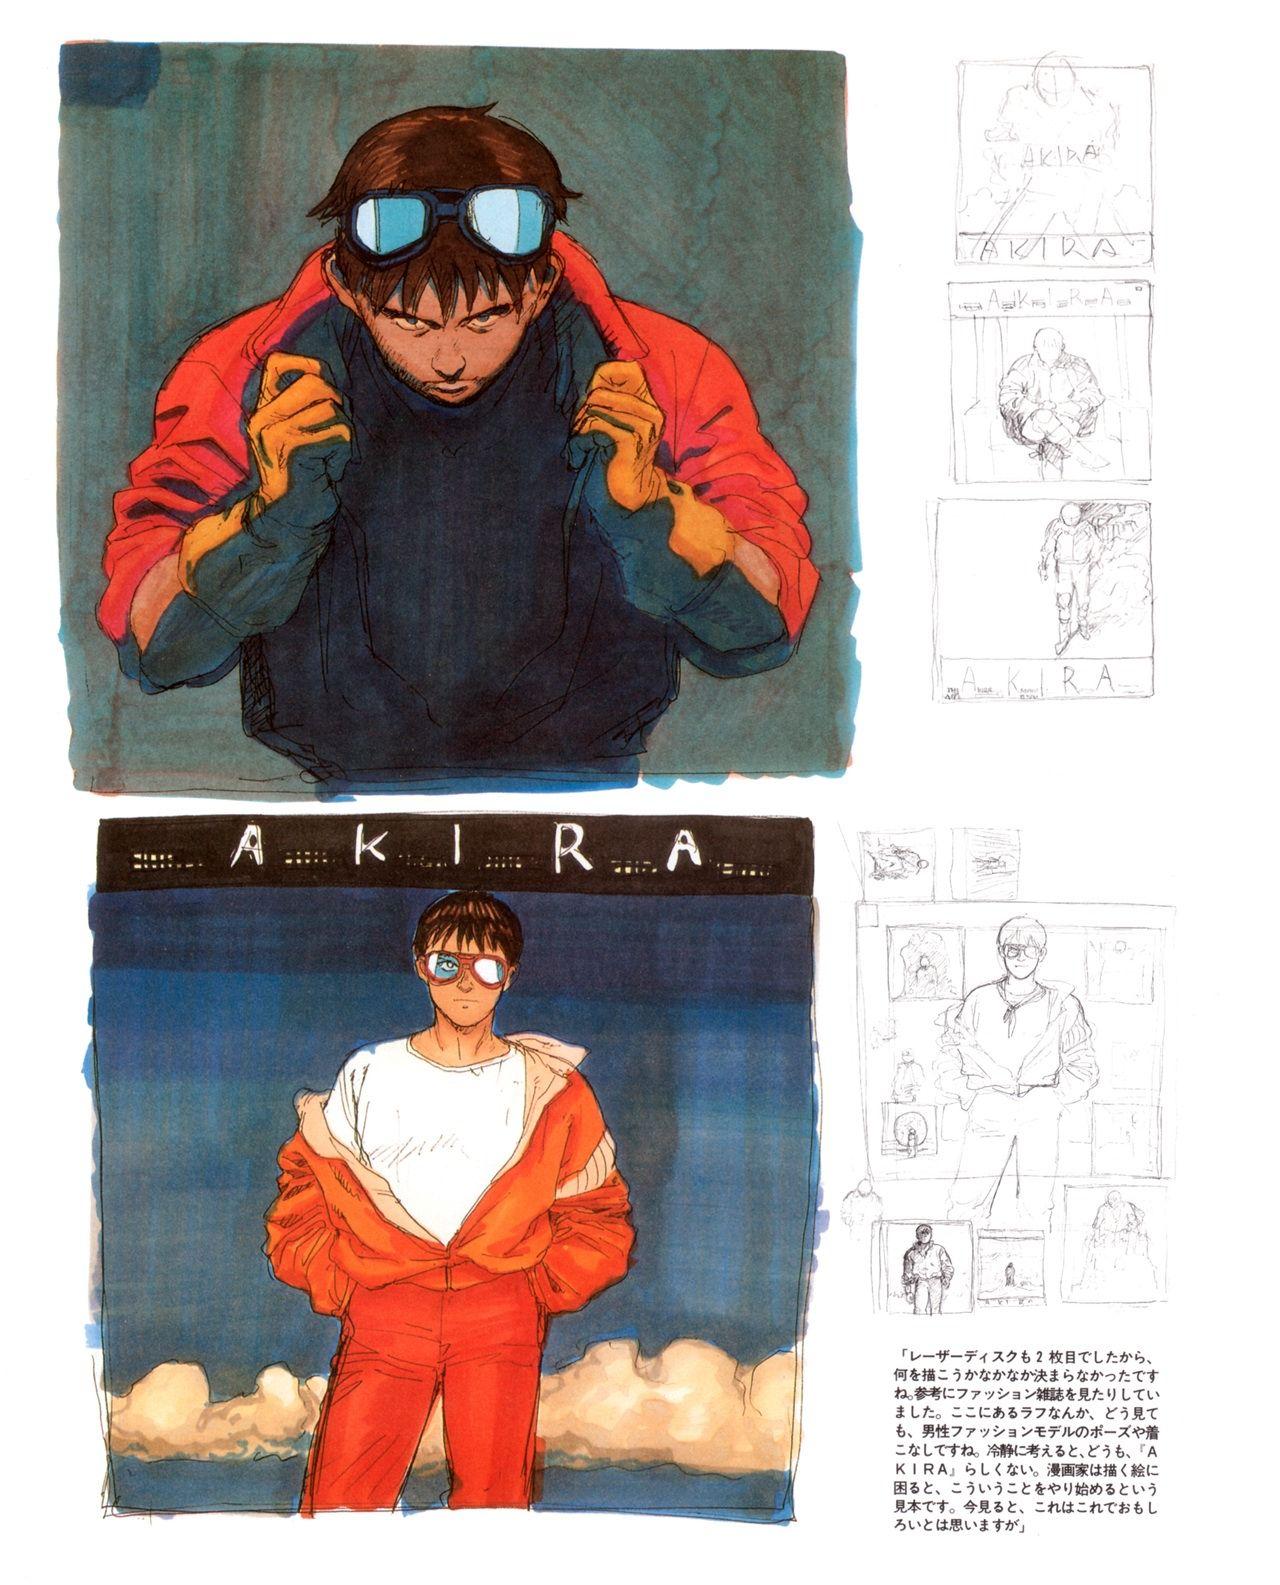 Pin by Atomisk on Akira Akira anime, Akira characters